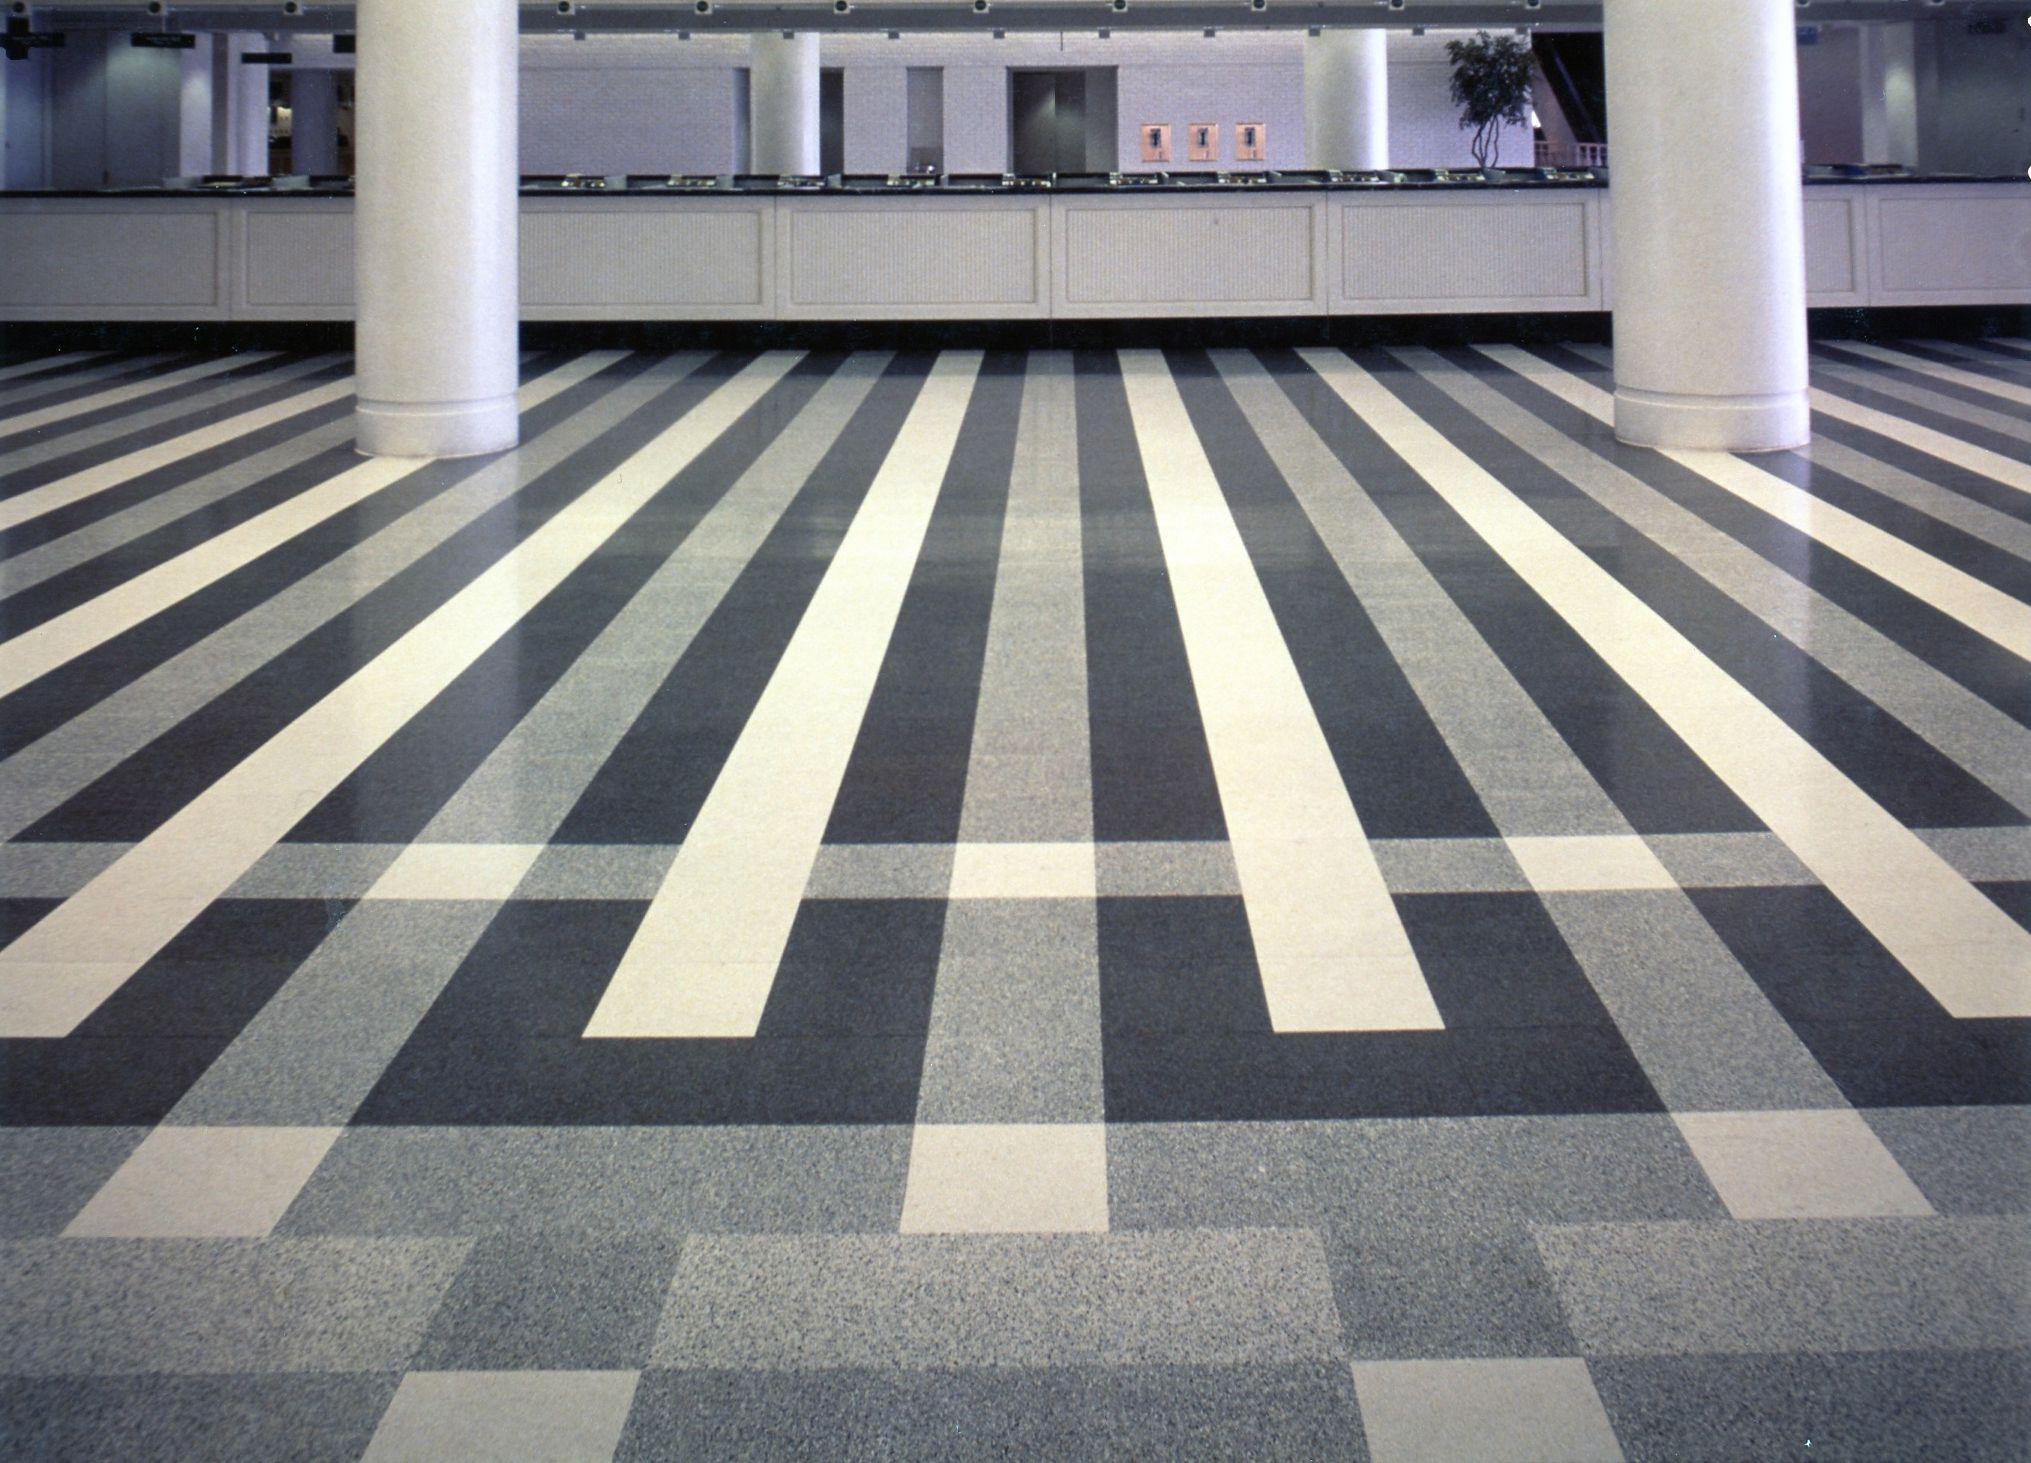 Fritztile #Terrazzo #Tile #Flooring #cafeteria | Fritztile Terrazzo ...